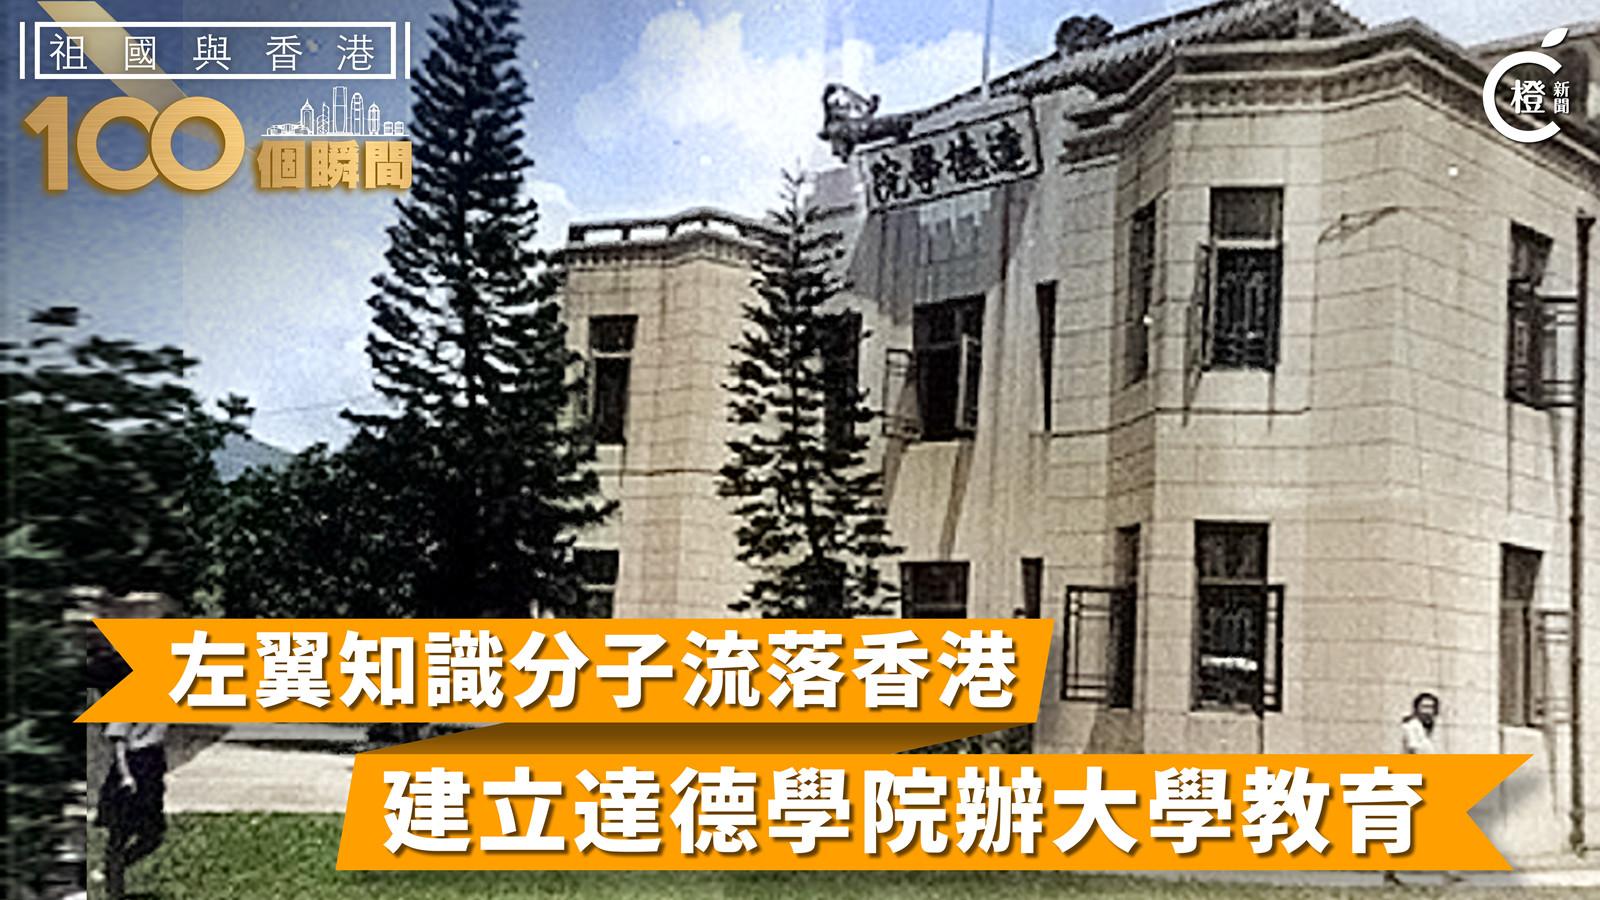 【祖國與香港100個瞬間】達德學院成立 培育愛國人才